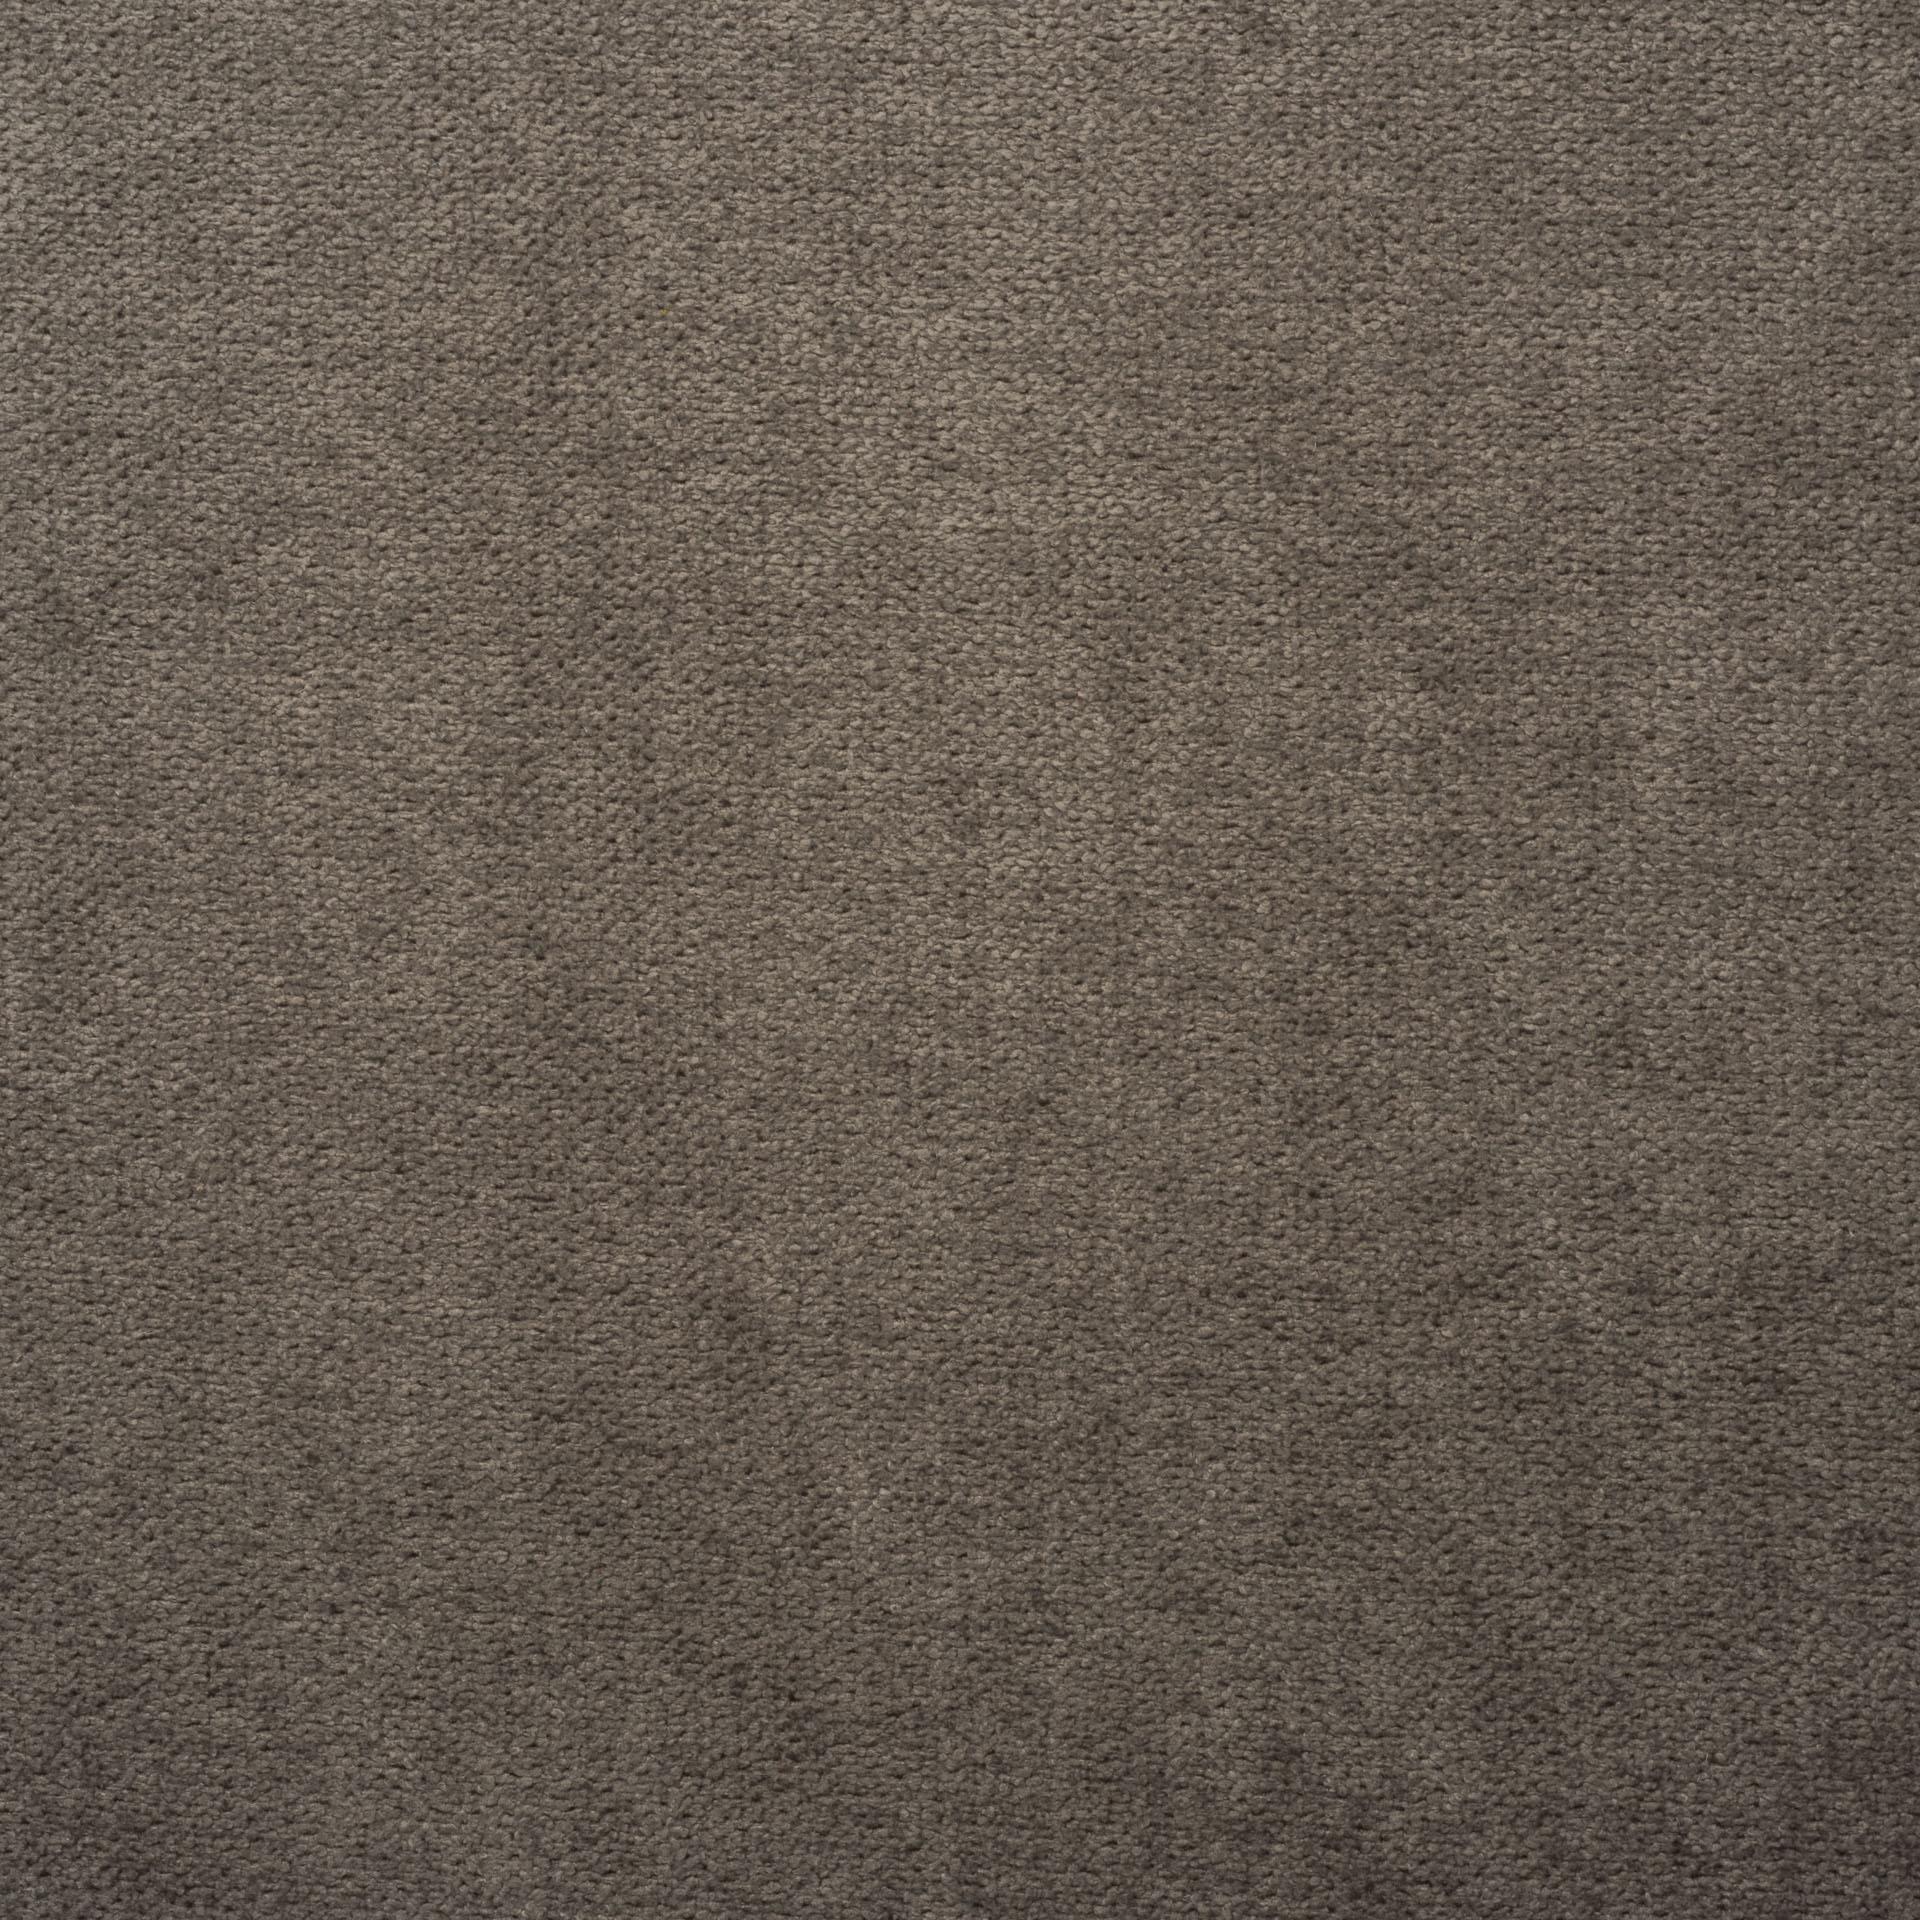 Коллекция ткани Аляска 04 SILVER ASH,  купить ткань Жаккард для мебели Украина